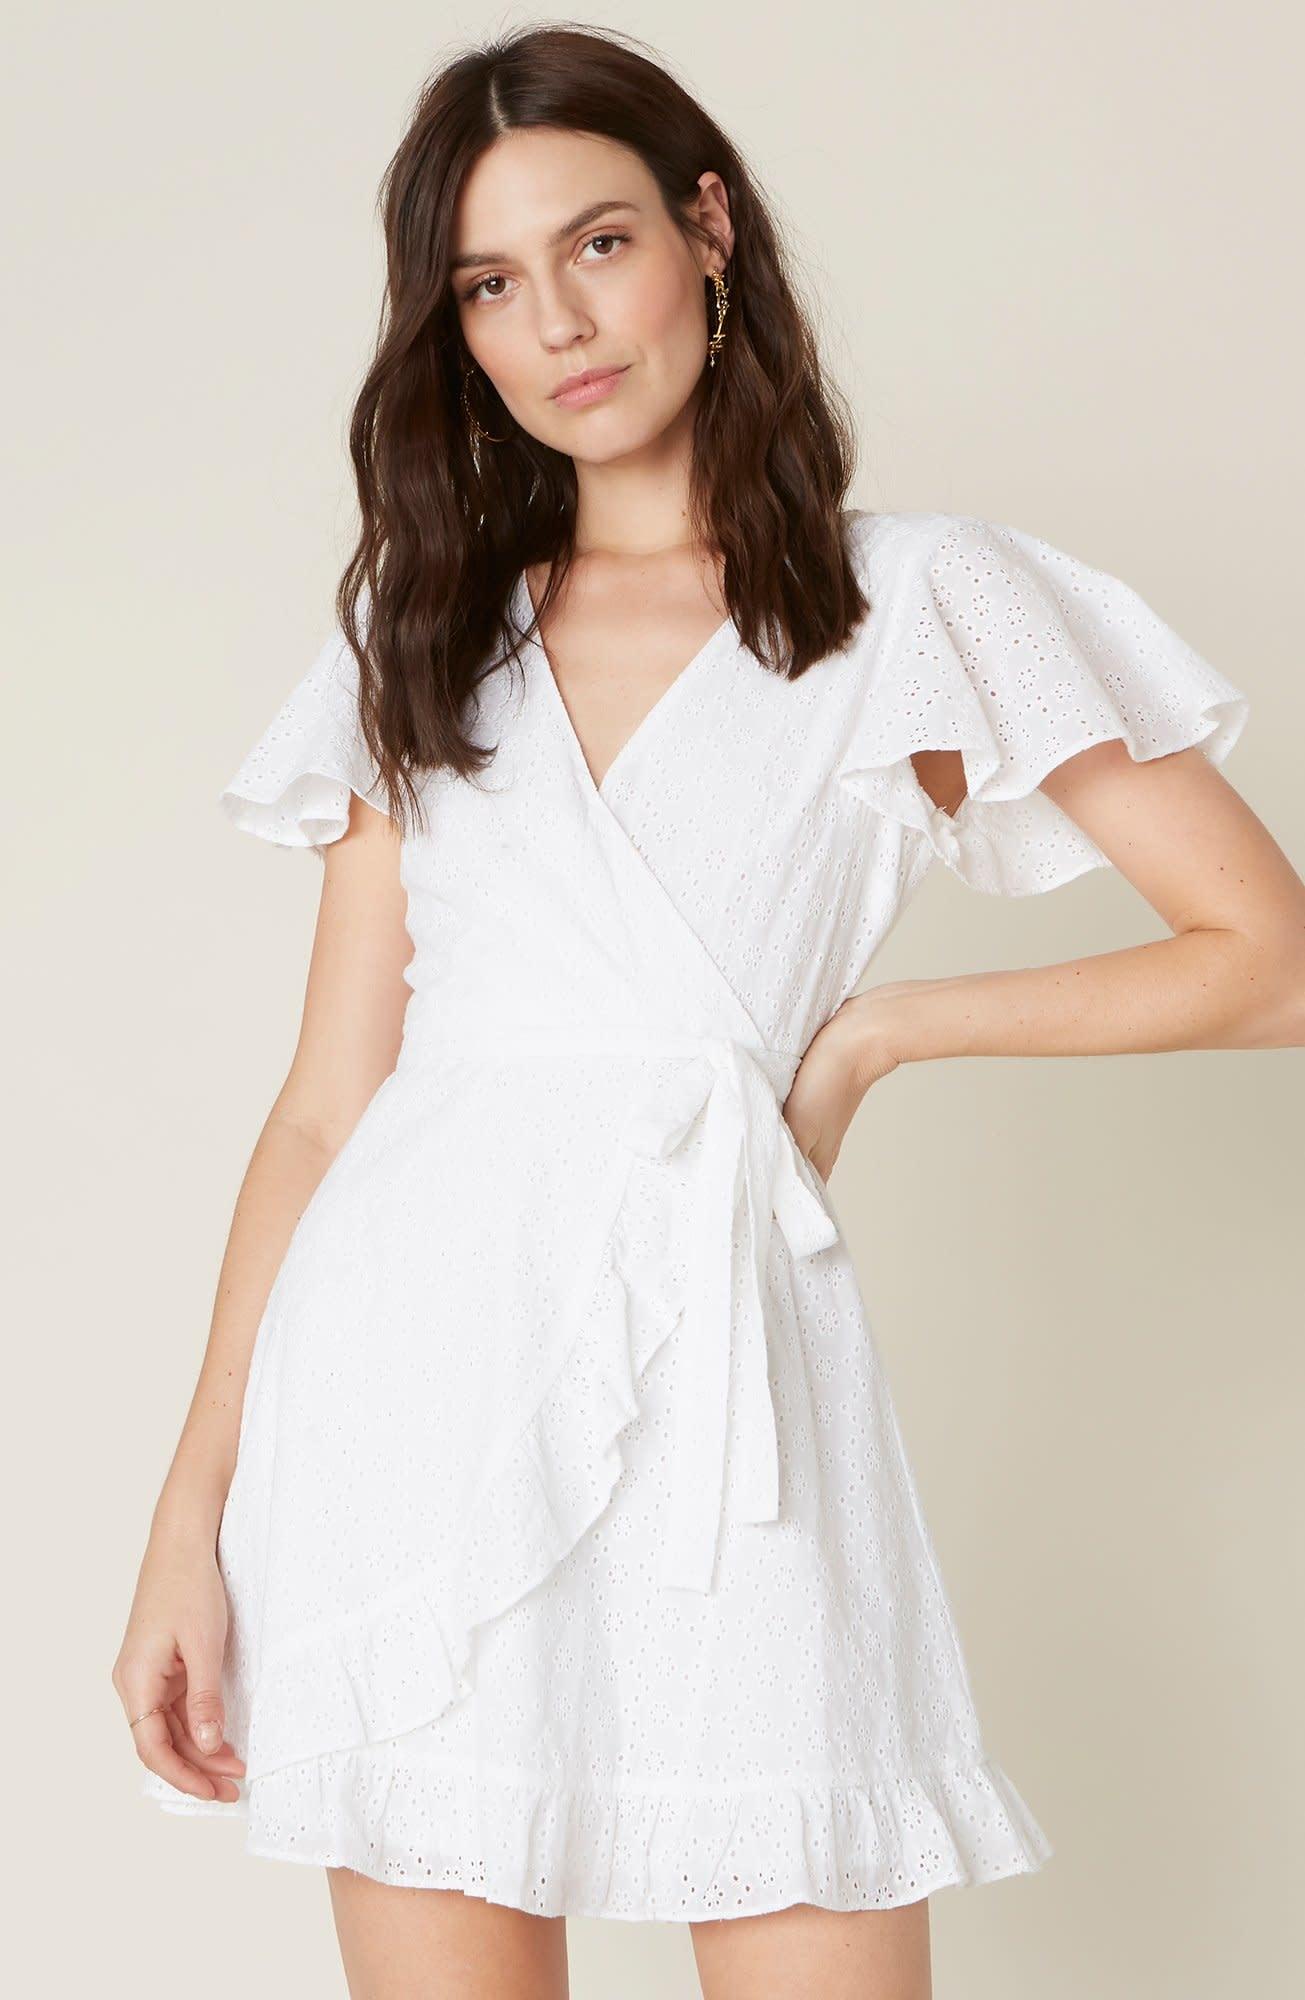 Jack by BB Dakota Easy on the Eyelet White Dress